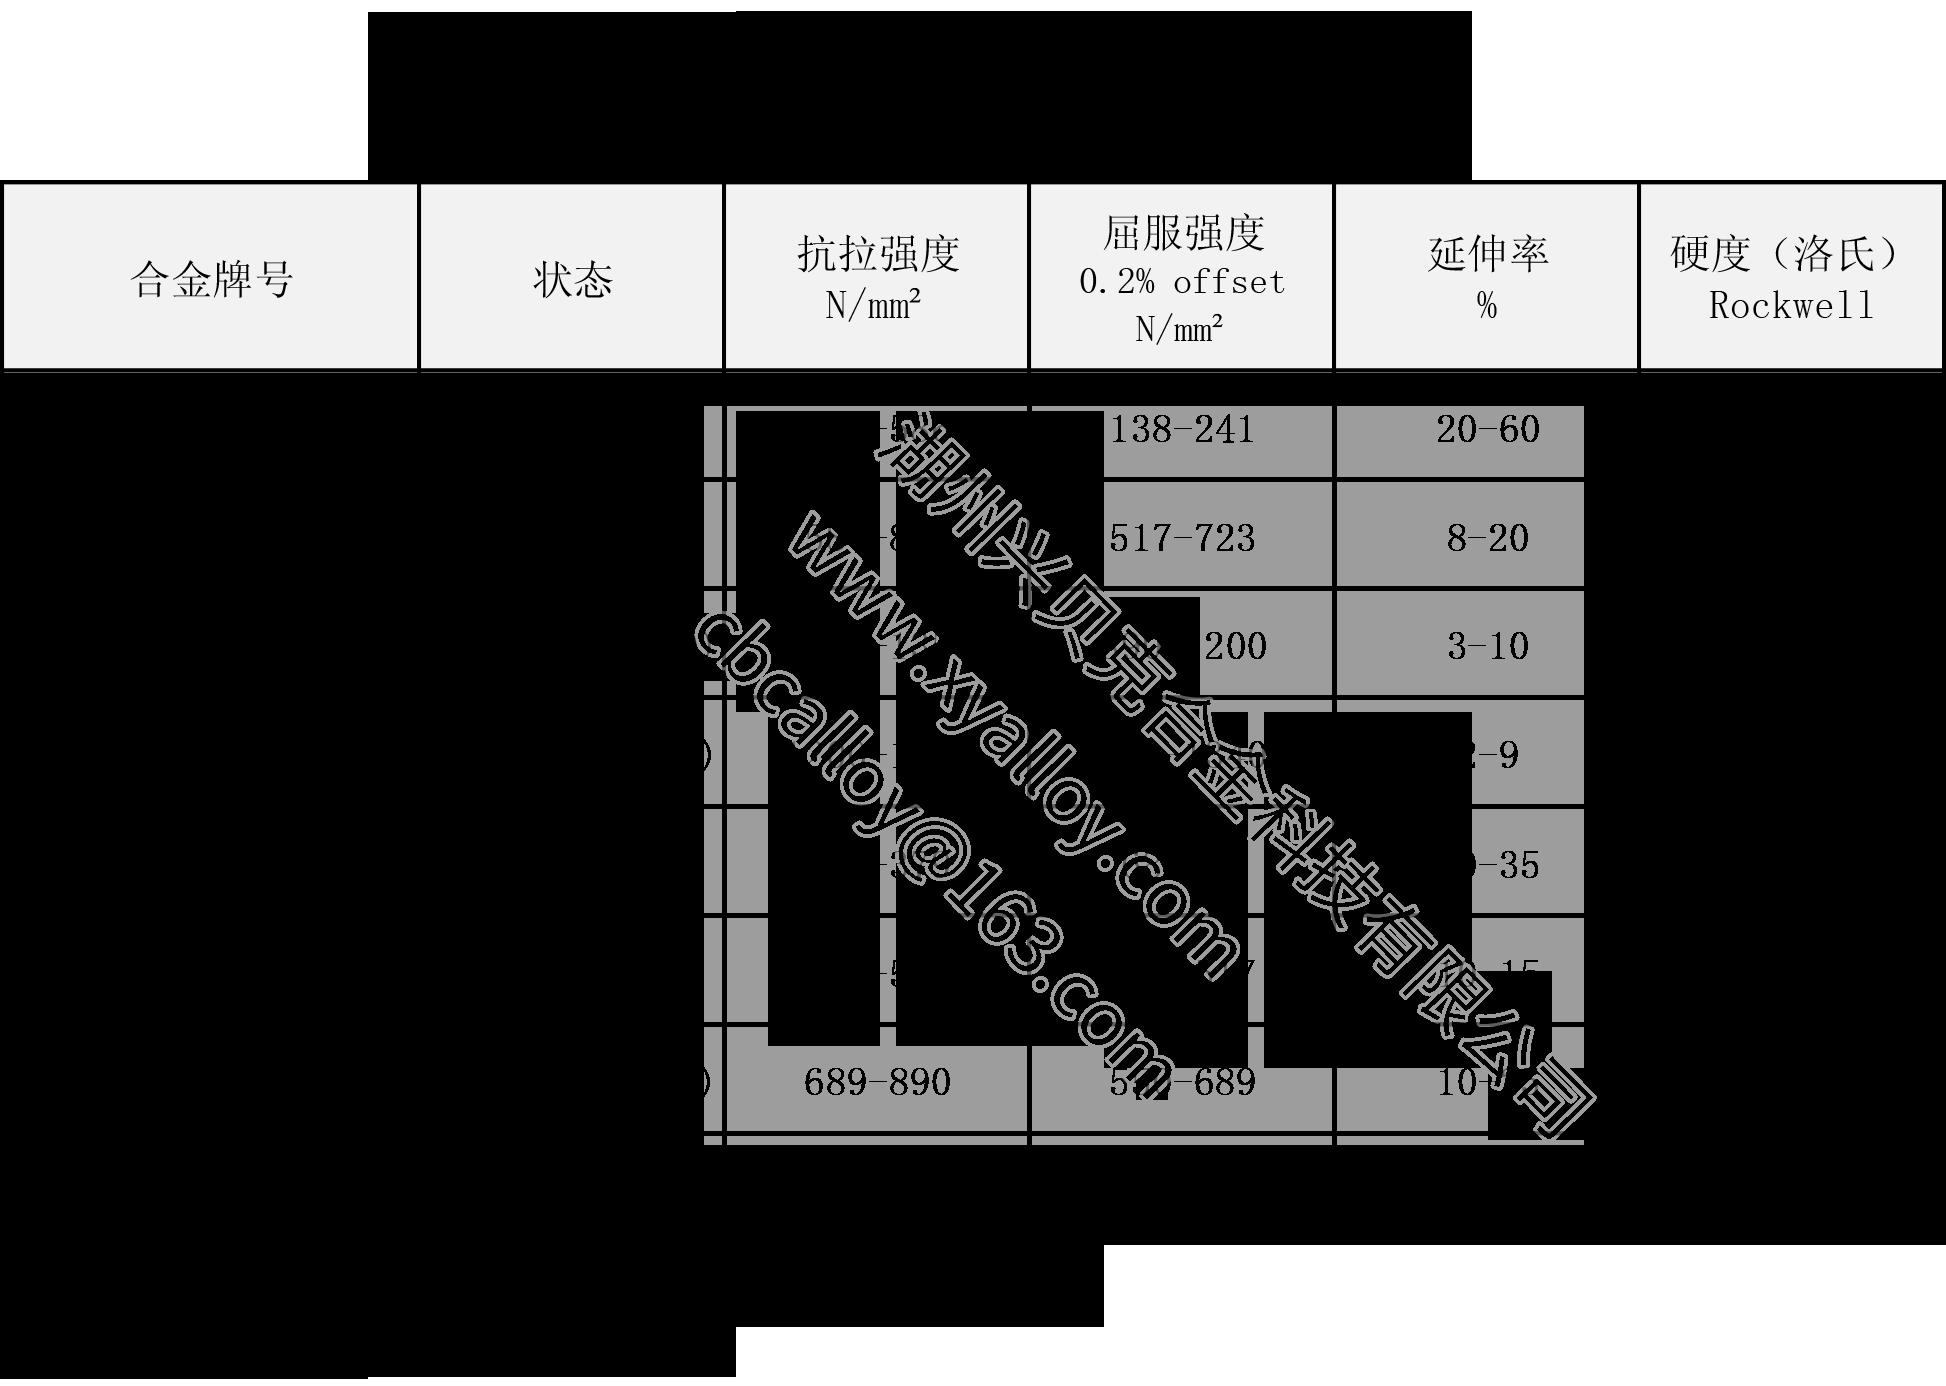 興貝克-鈹銅棒-性能